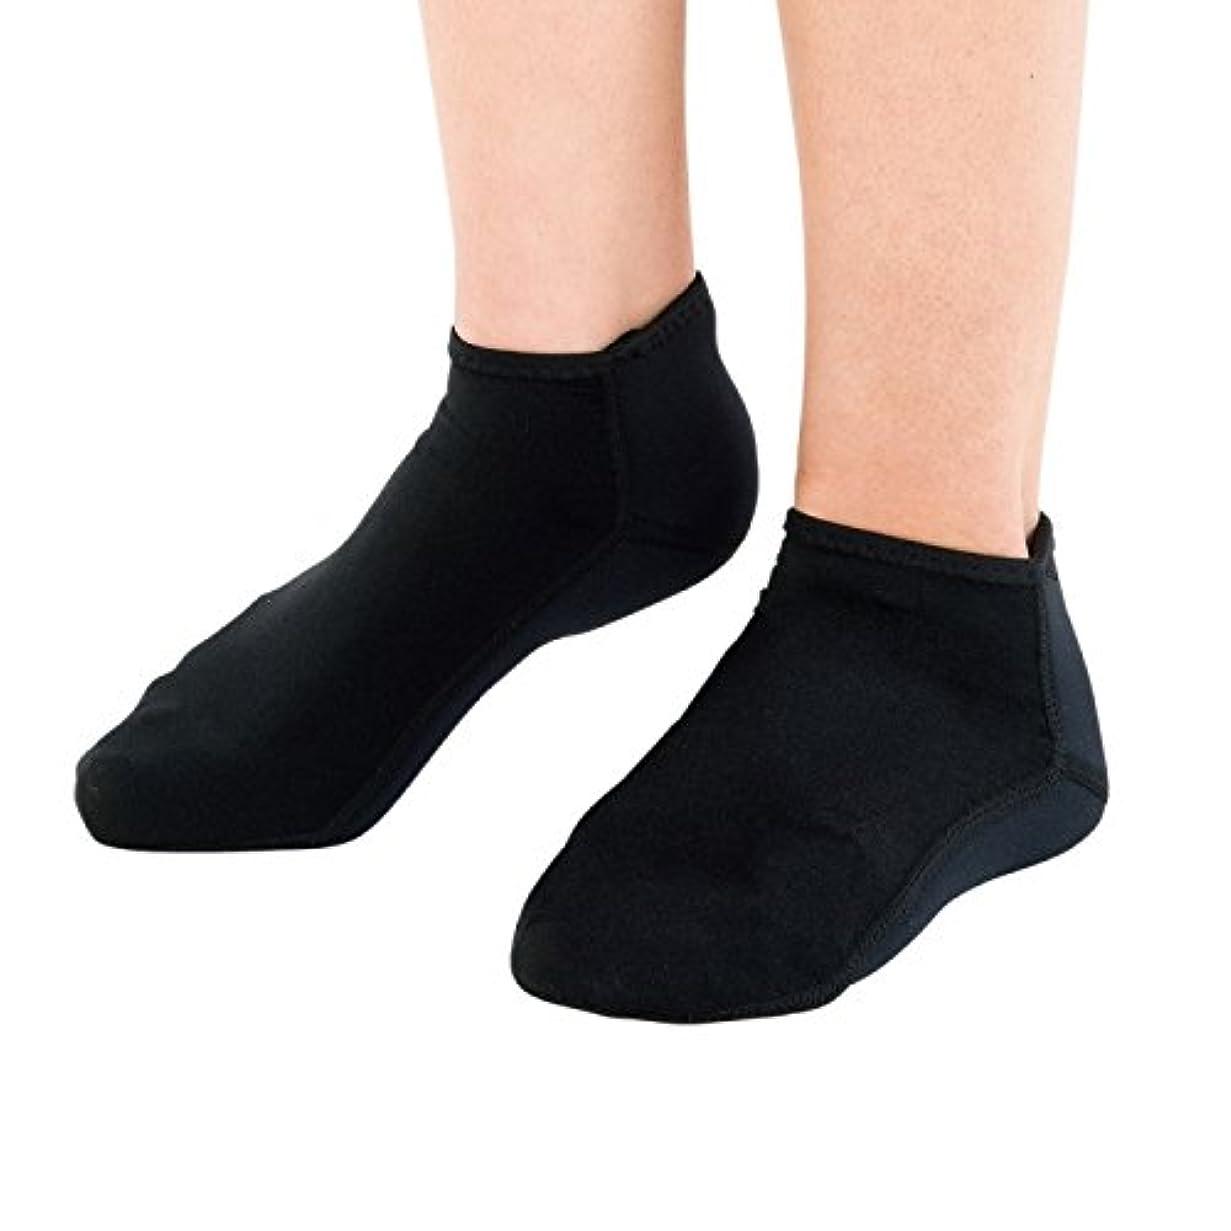 シルエット実り多いホイッスル靴下 かかと 保湿 チタン 素足小町 フル